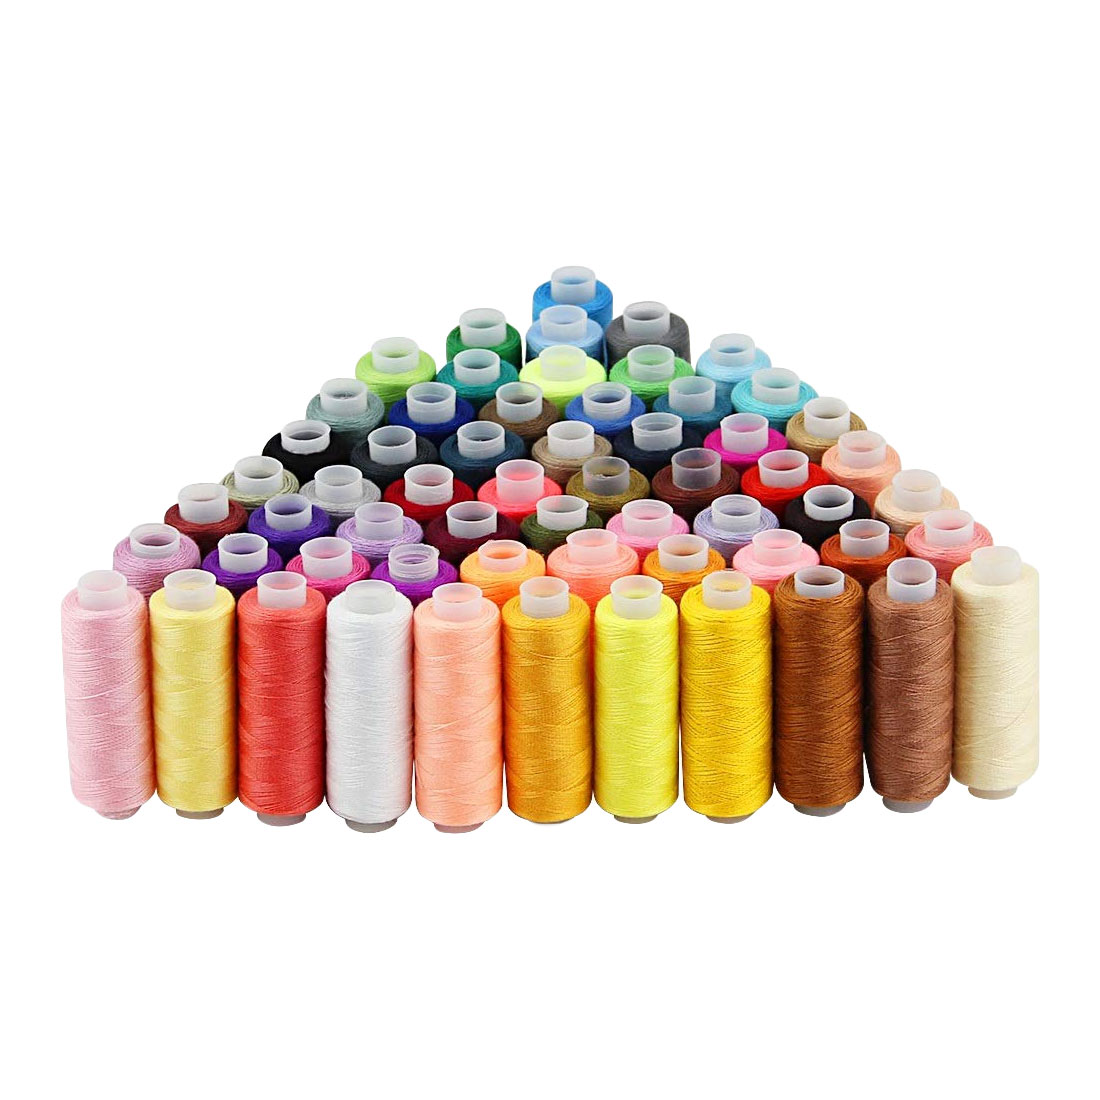 60 cores 250 quintal máquina colorida bordado linha de costura de poliéster linha de costura mão artesanato remendo direção-roda suprimentos